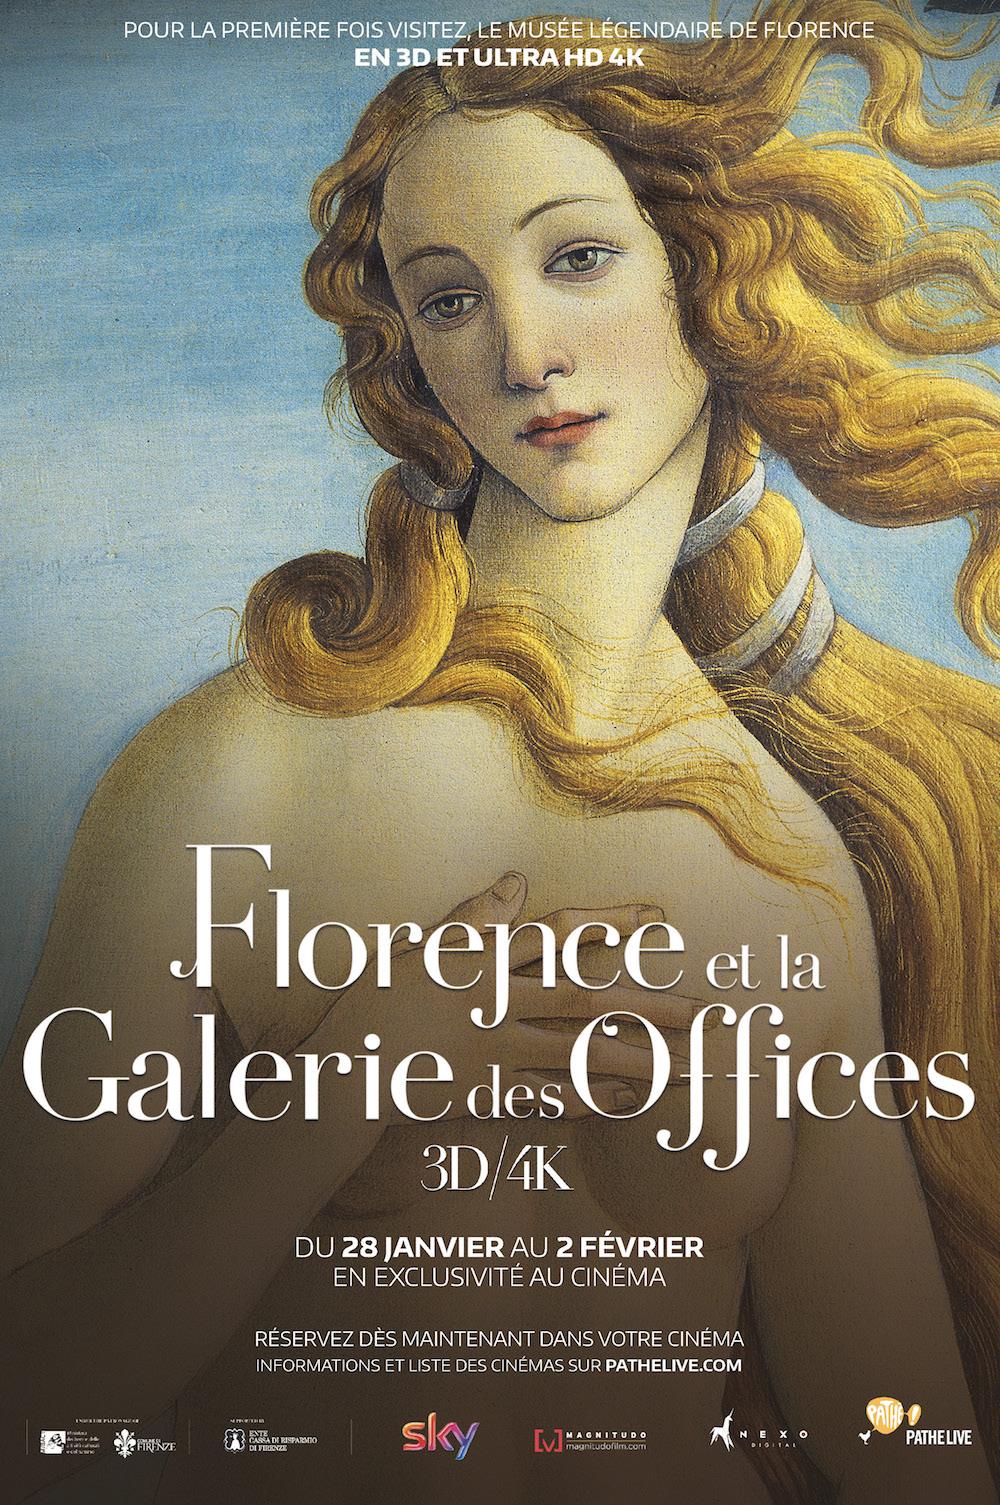 Florence et la Galerie des Offices 3D - Affic